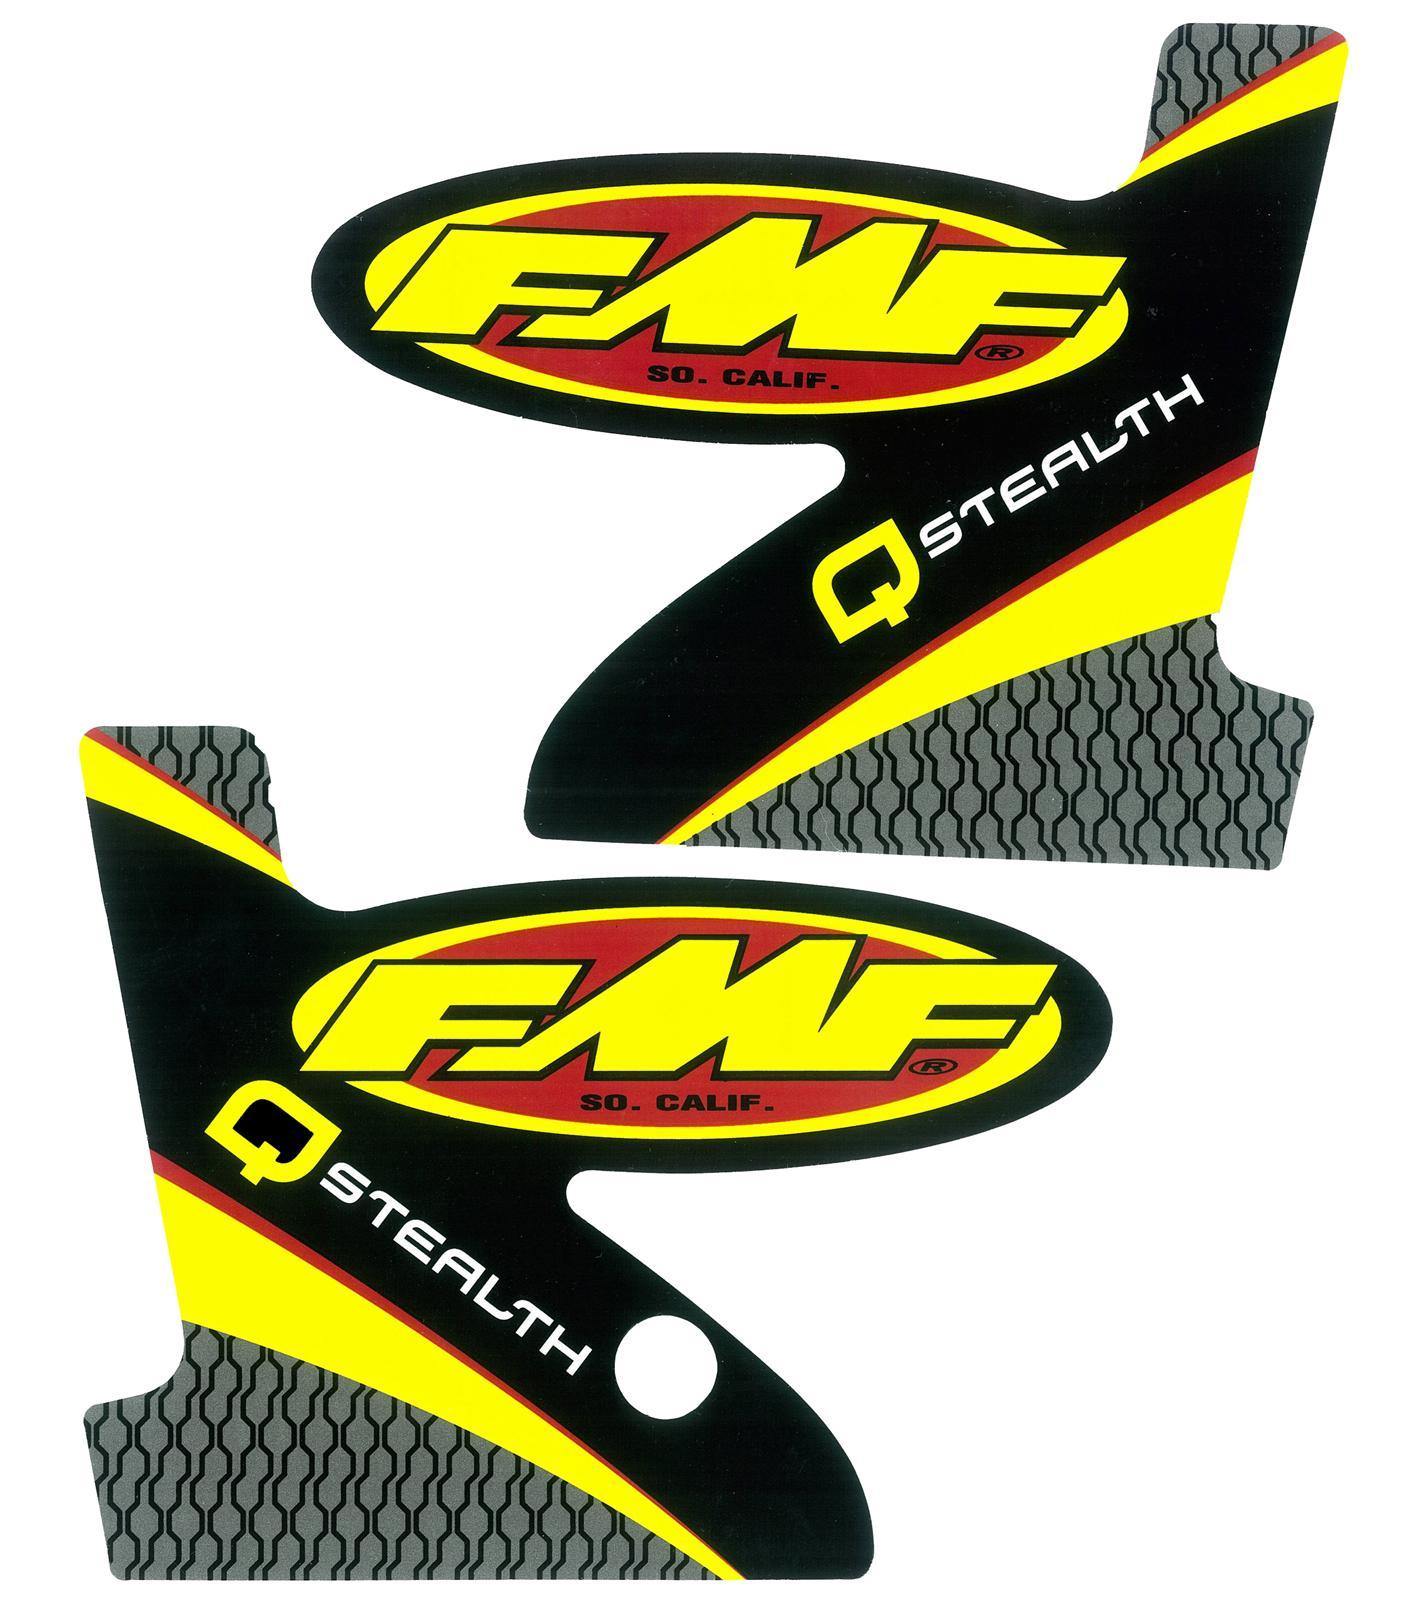 fmf exhaust 012692 fmf racing replacement exhaust decals summit racing